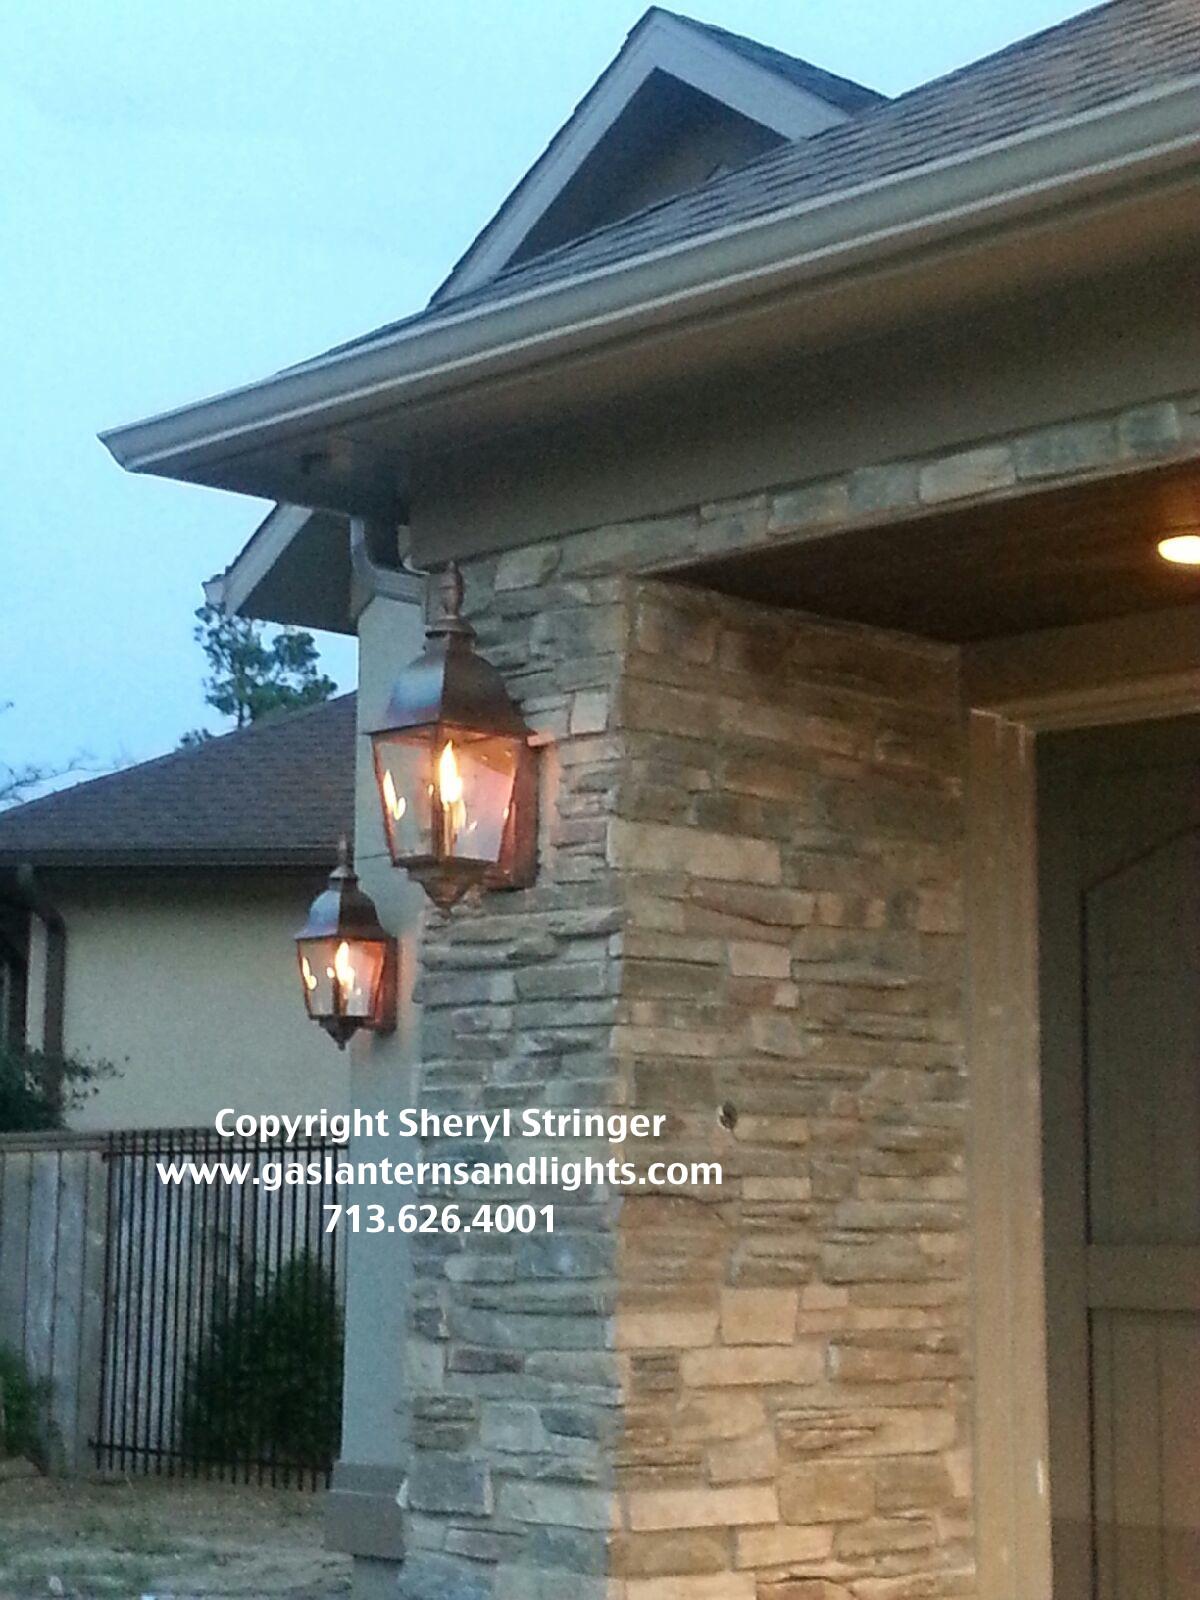 Tuscan Gas Lanterns by Sheryl Stringer